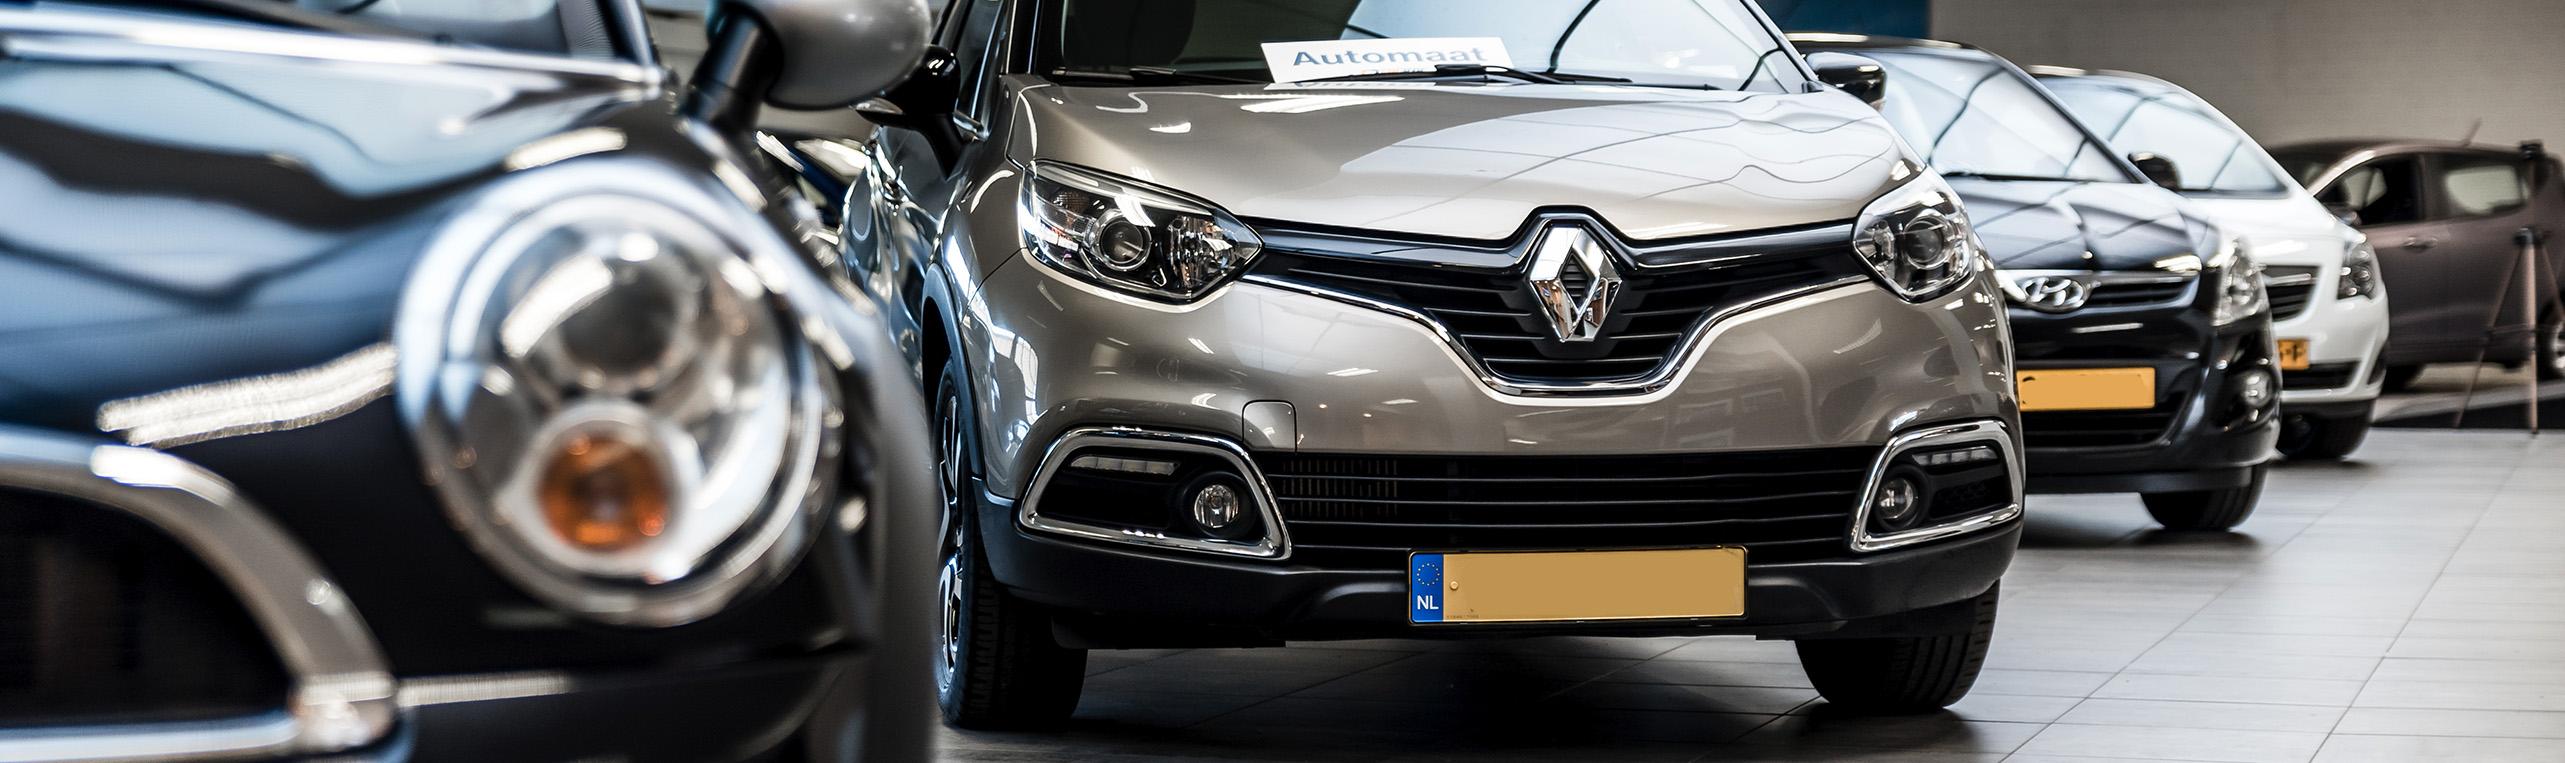 Financiering lease bij autobedrijf Schuurmans